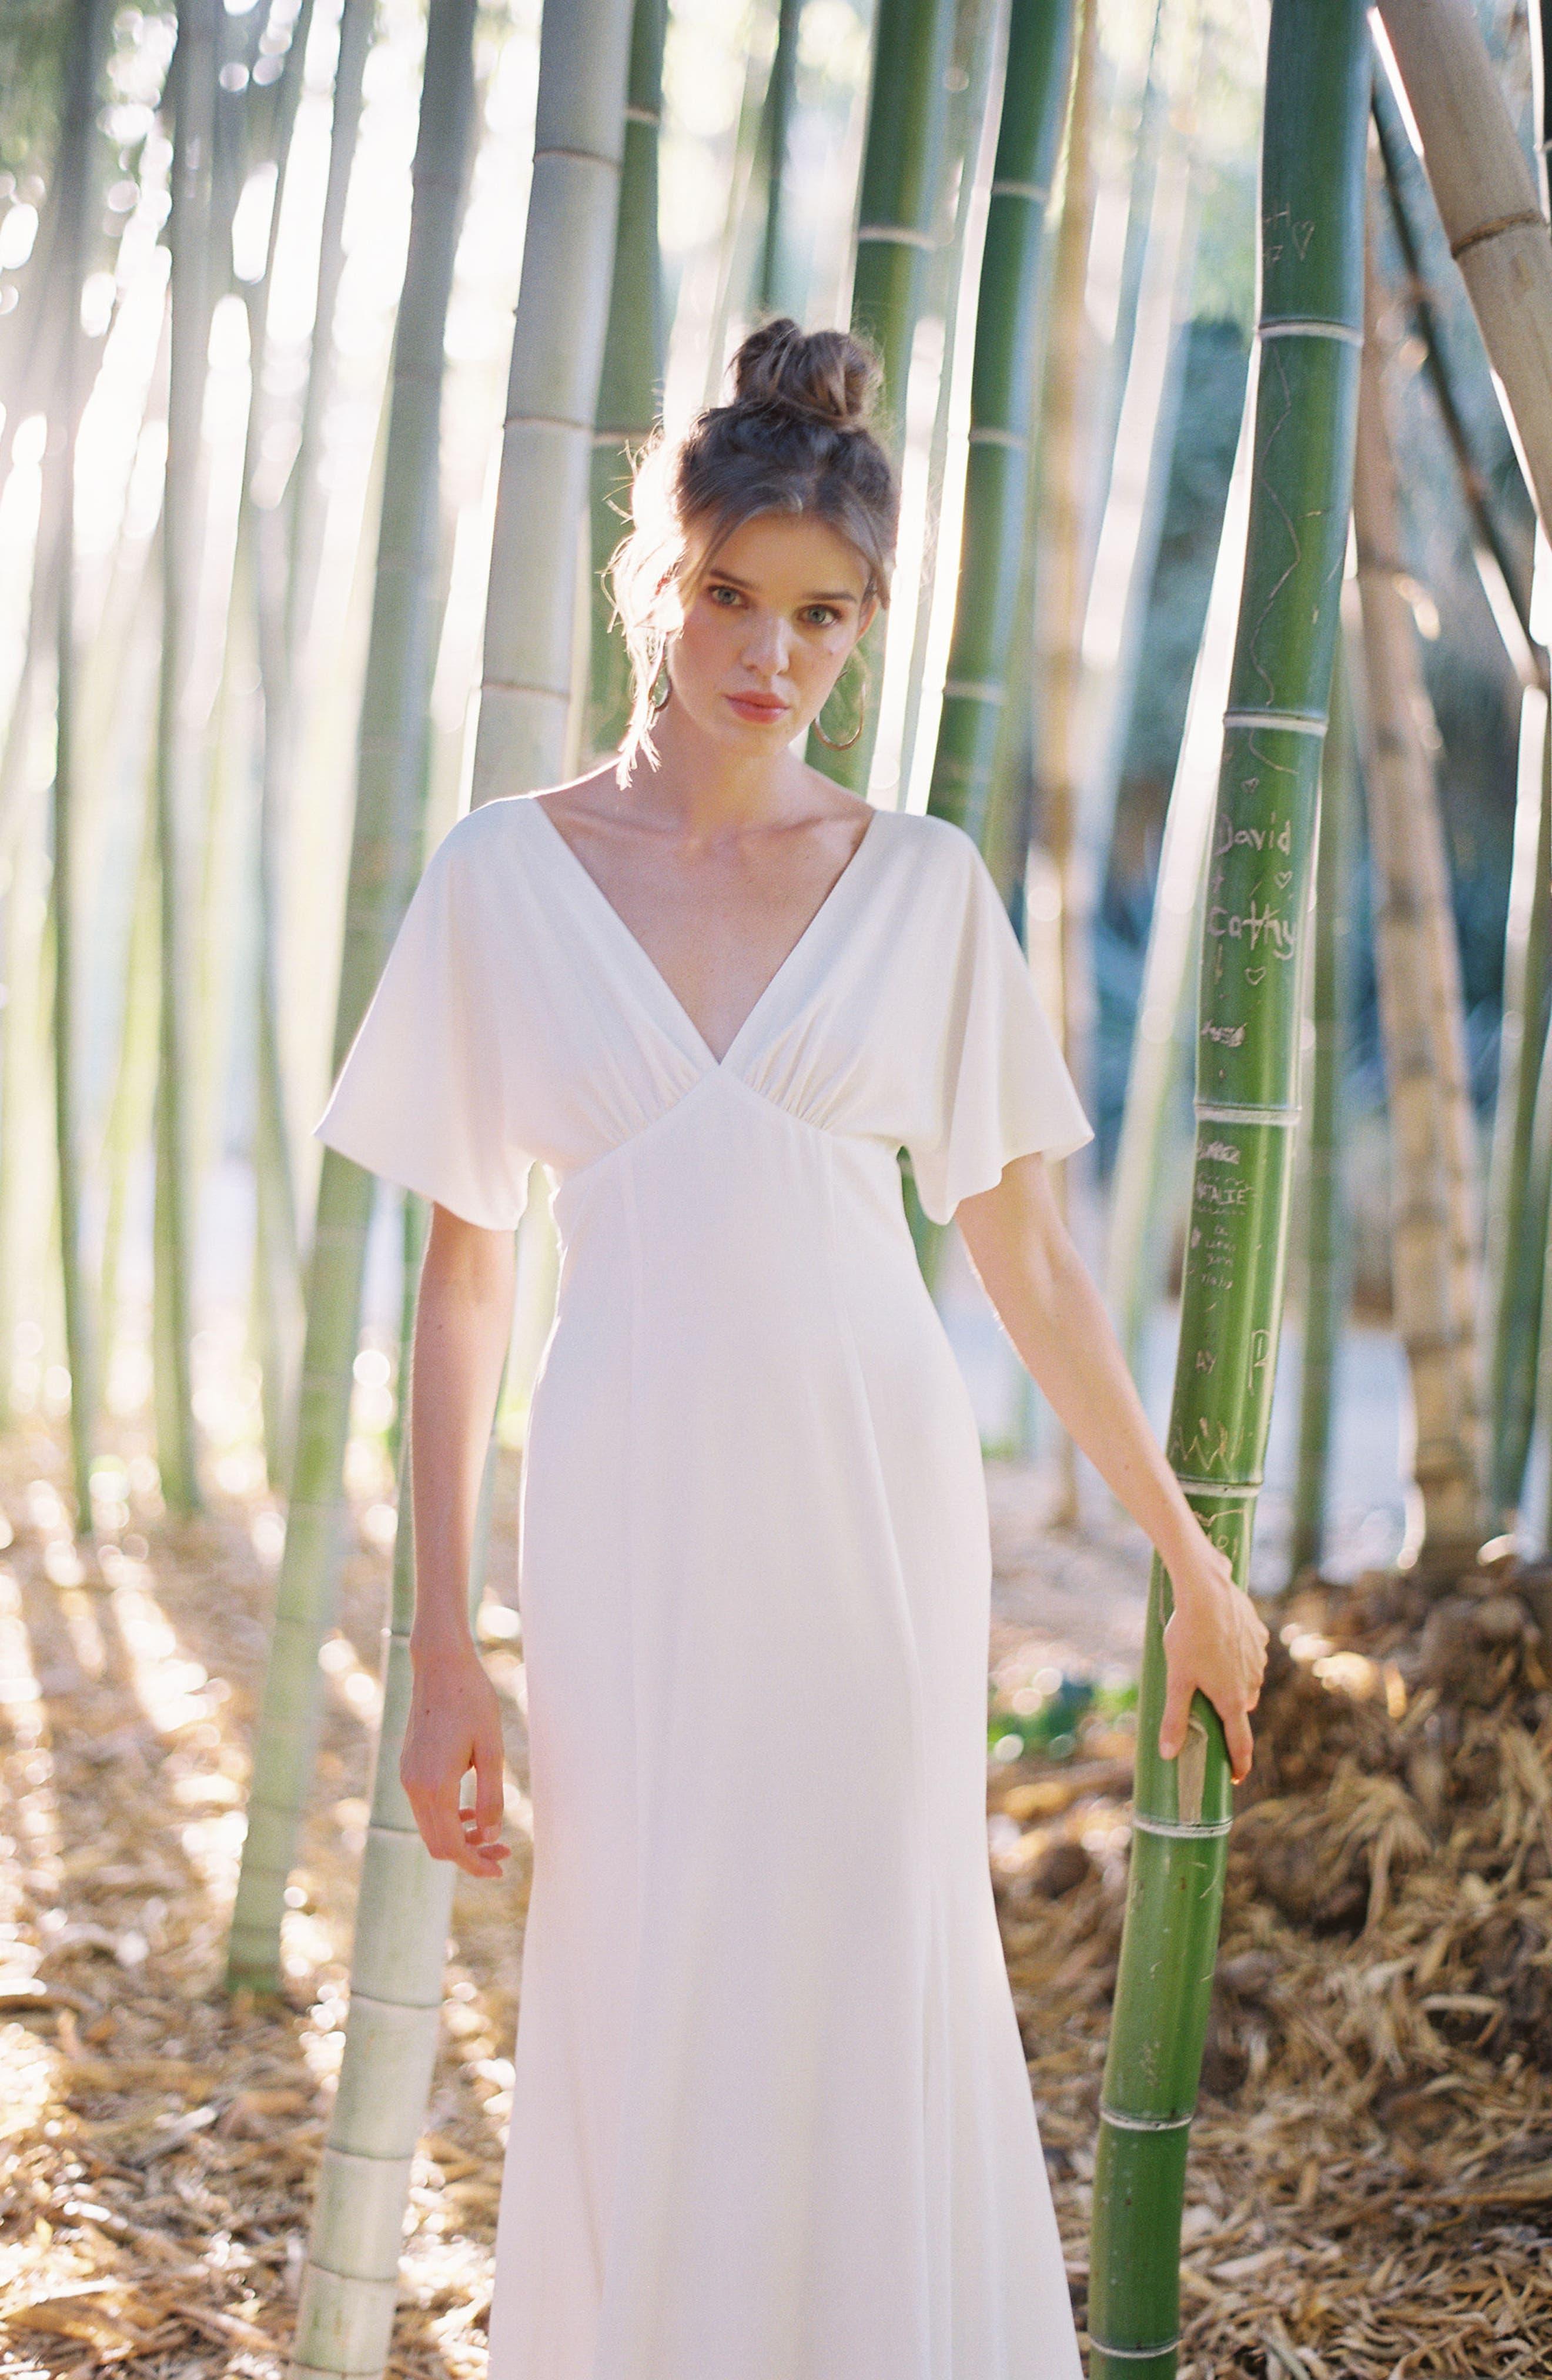 Pattie Empire Waist Crepe Gown,                             Alternate thumbnail 4, color,                             WHITE